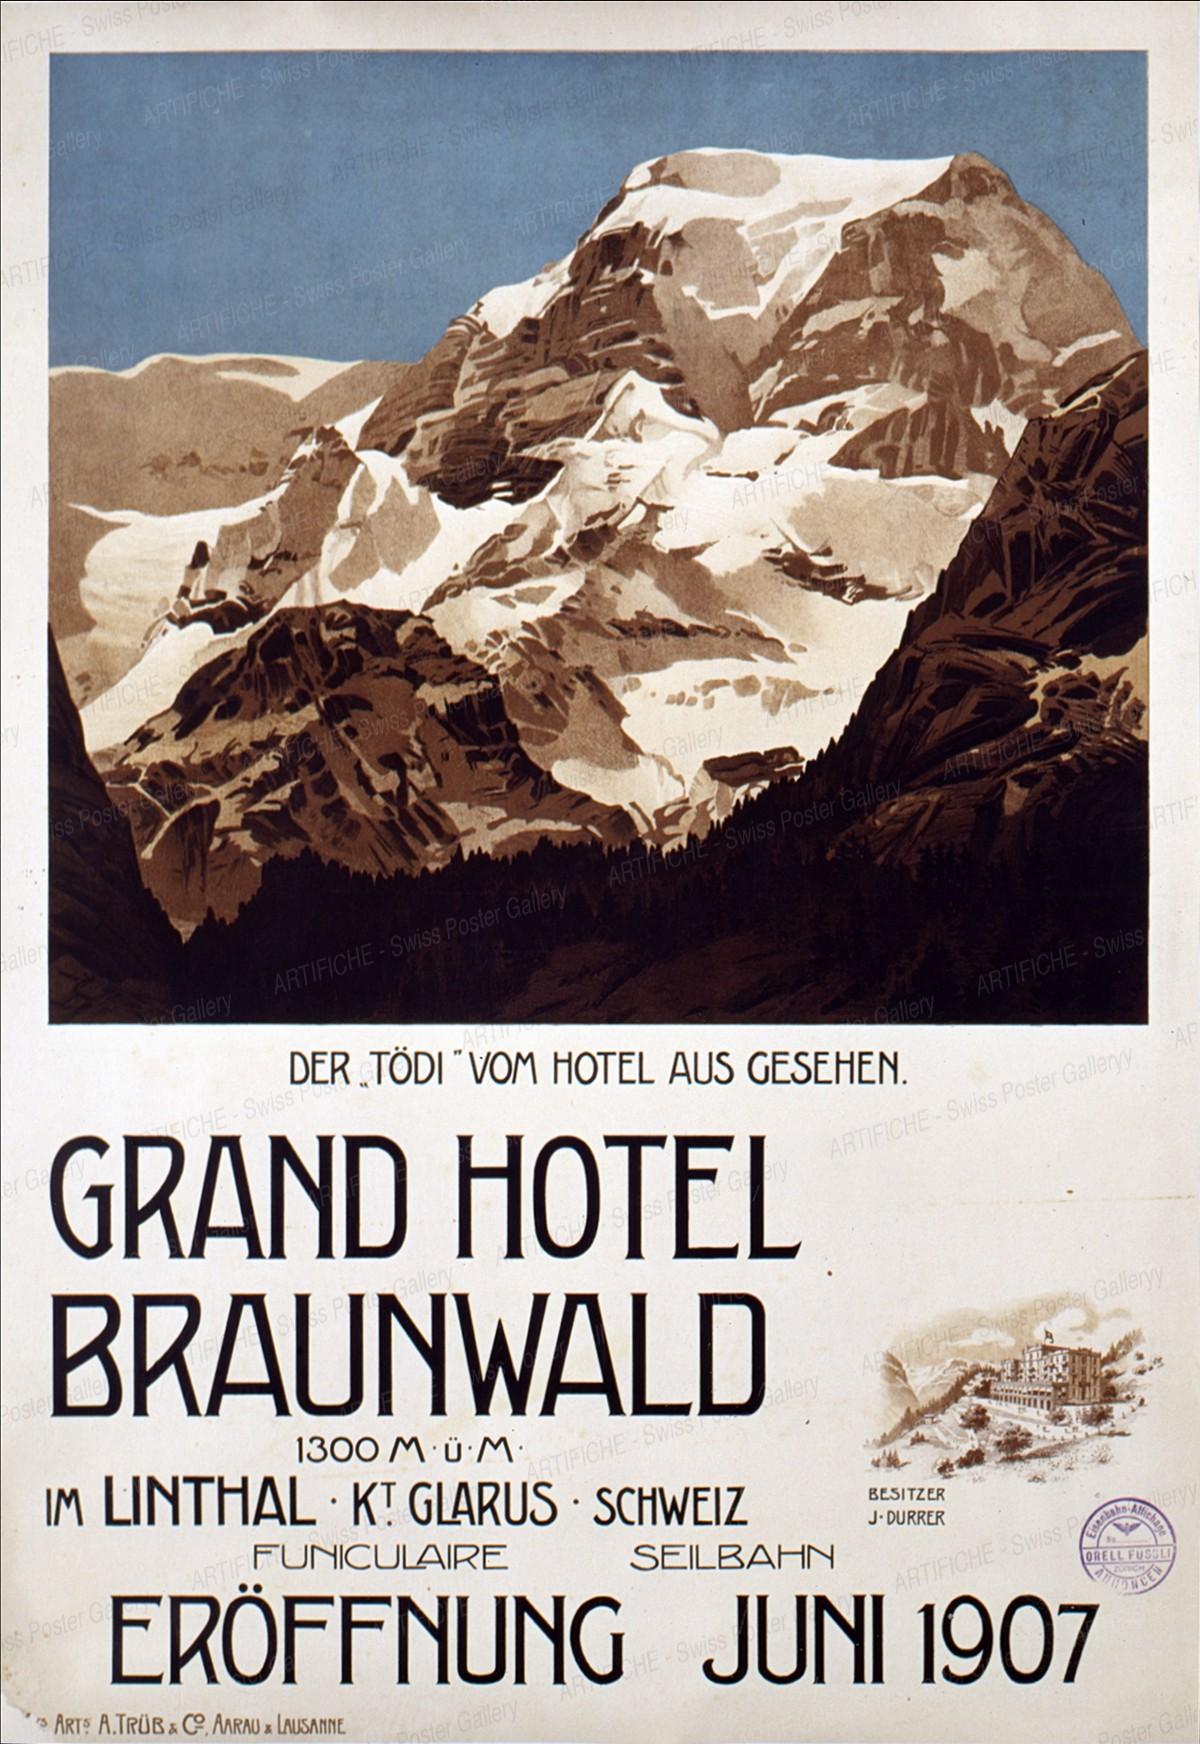 GRAND HOTEL BRAUNWALD – Der Tödi vom Hotel aus gesehen – im Linthal Kt. Glarus Schweiz – Funiculare – Seilbahn Eröffnung Juni 1907, Artist unknown